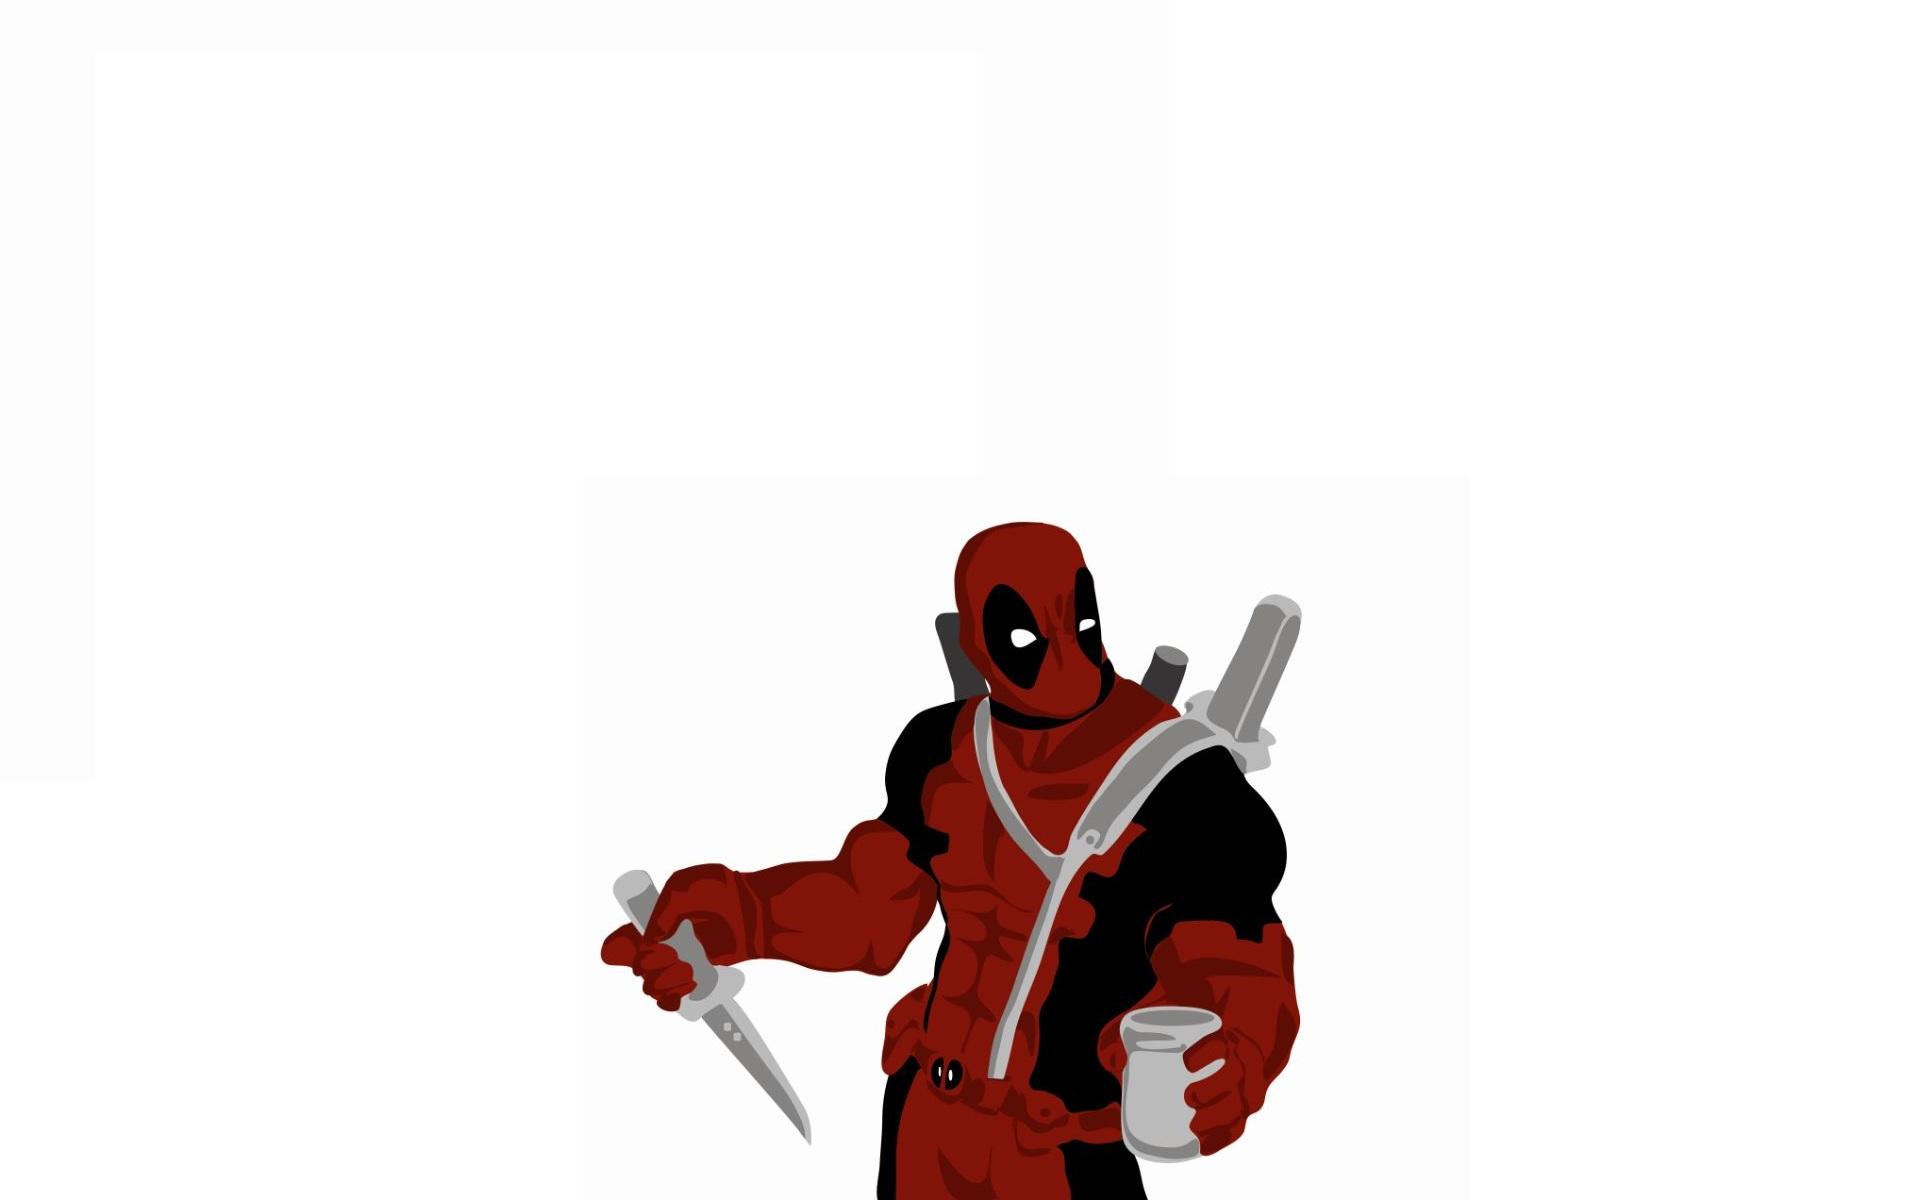 Wolverine Hd Wallpapers Deadpool Background Free Download Pixelstalk Net